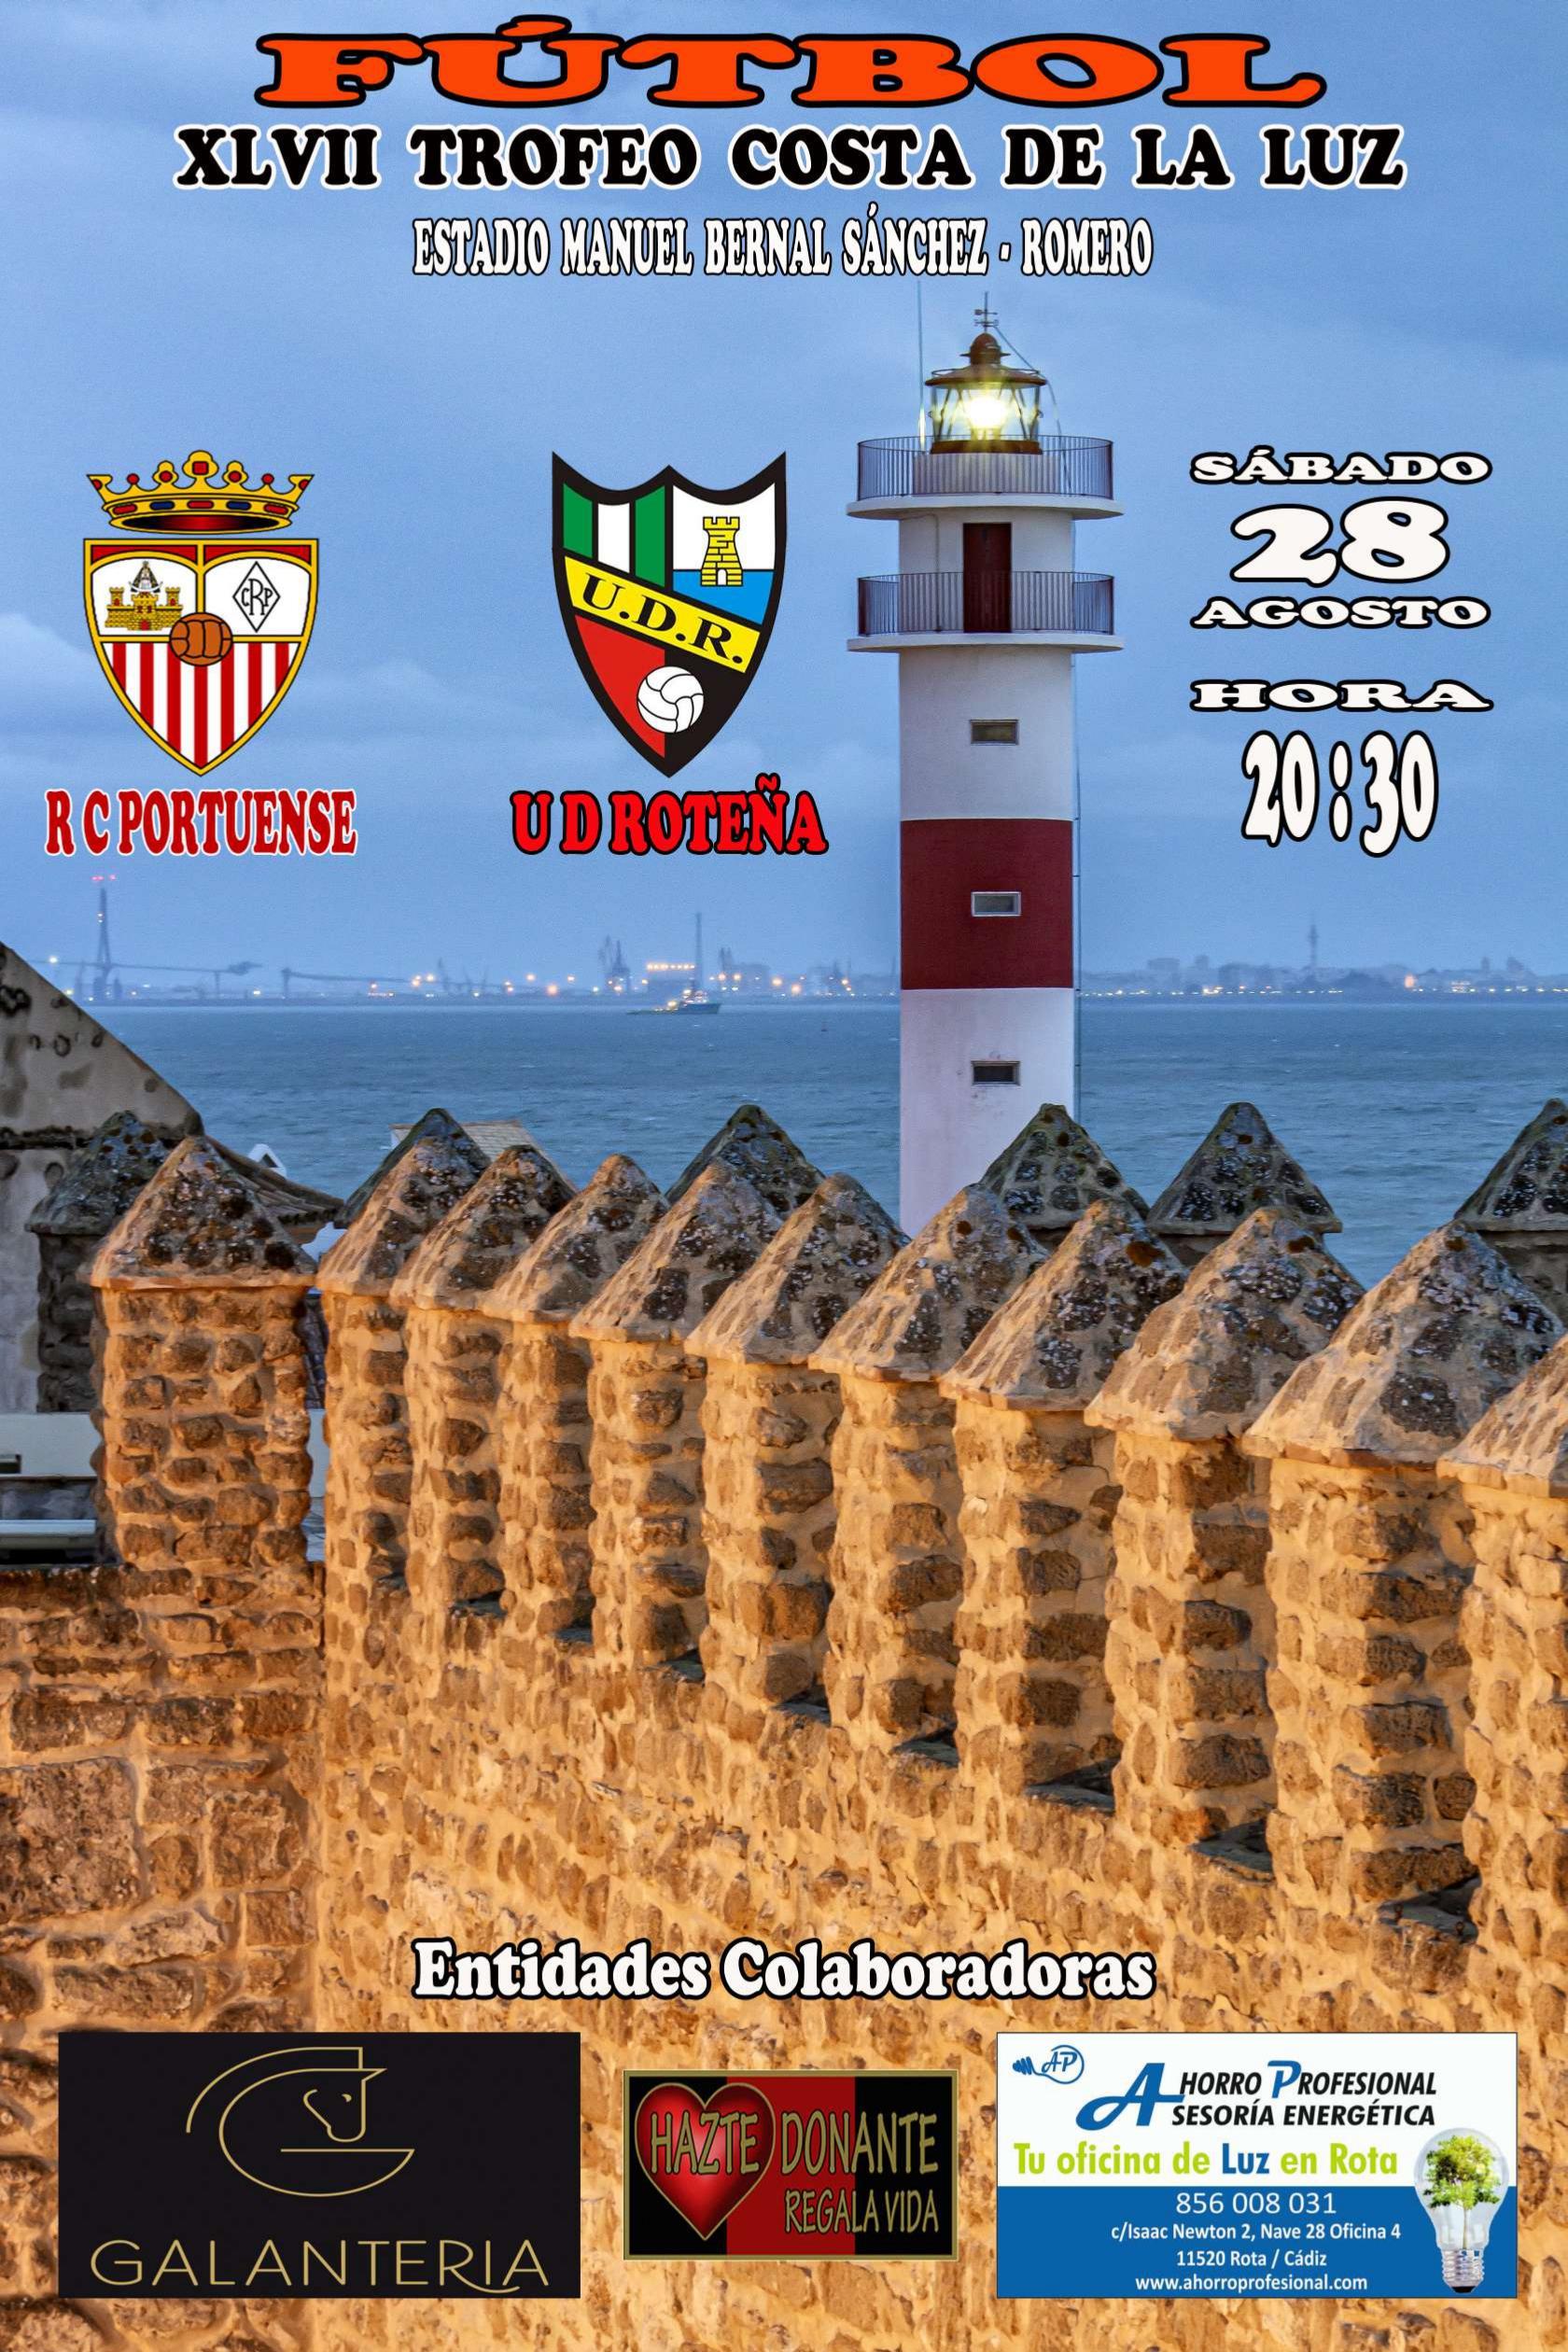 XLVII Trofeo Costa de la Luz